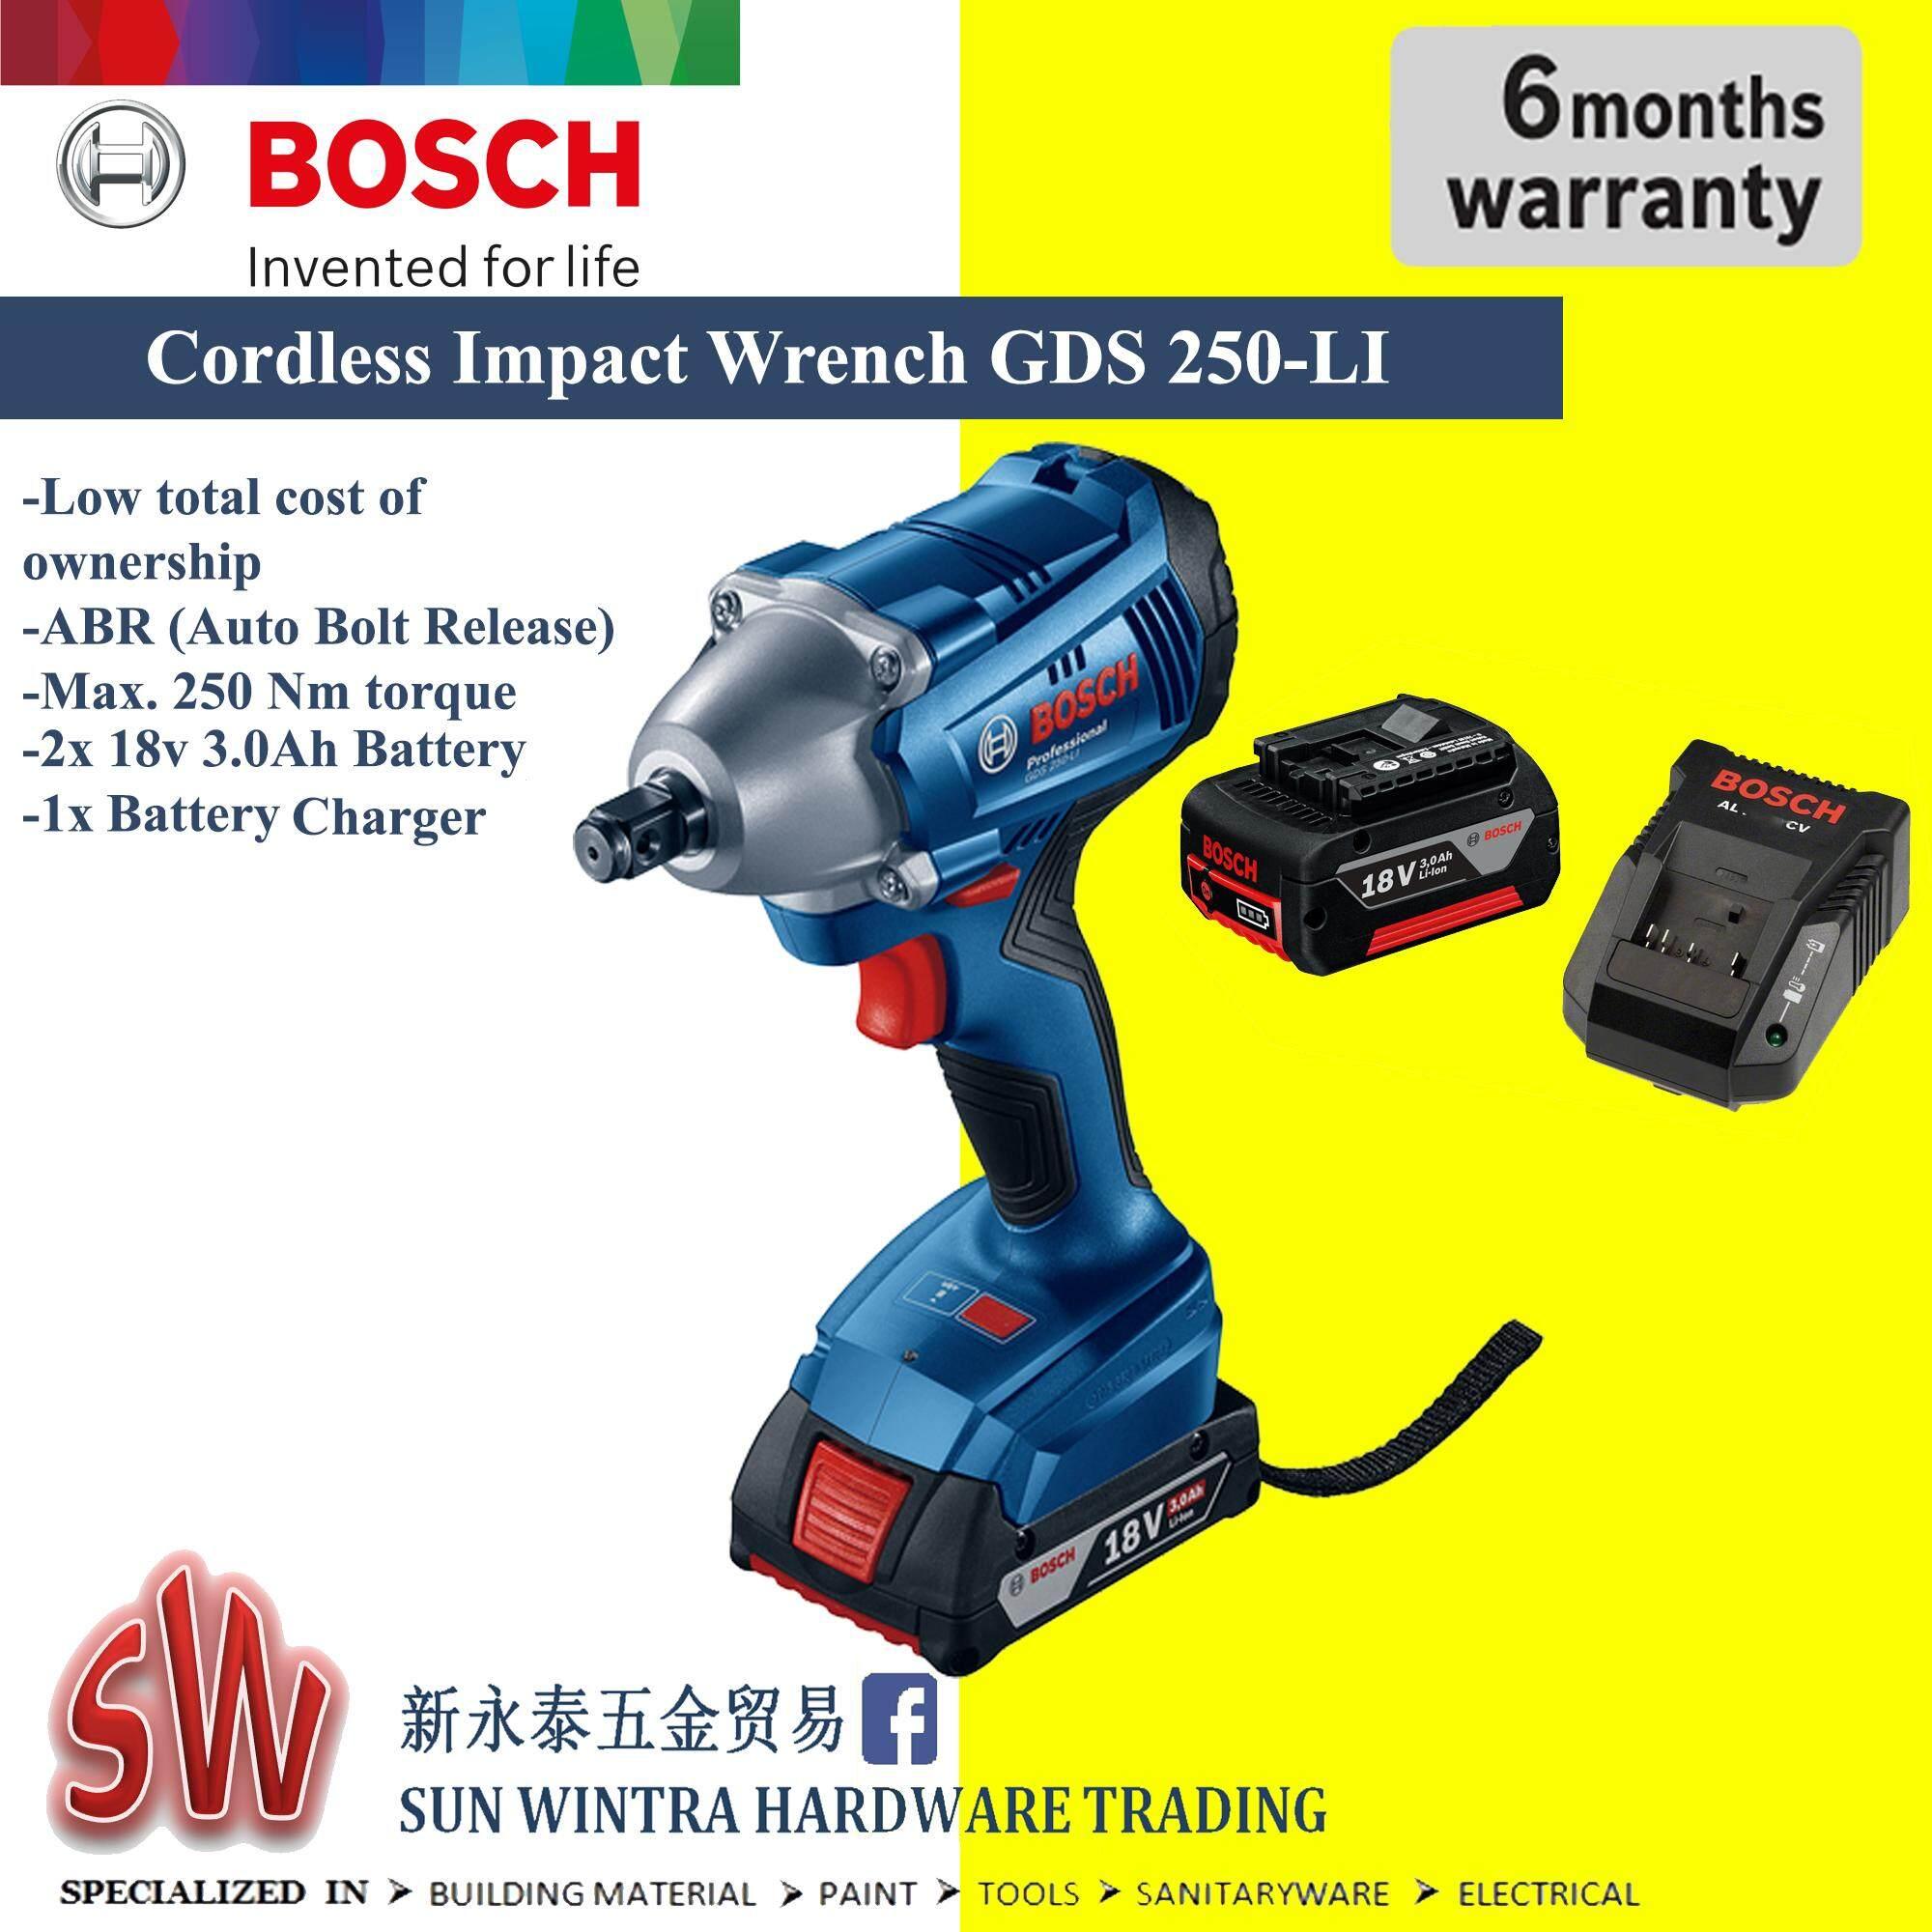 Bosch Cordless Impact Wrench GDS 250-LI Professional